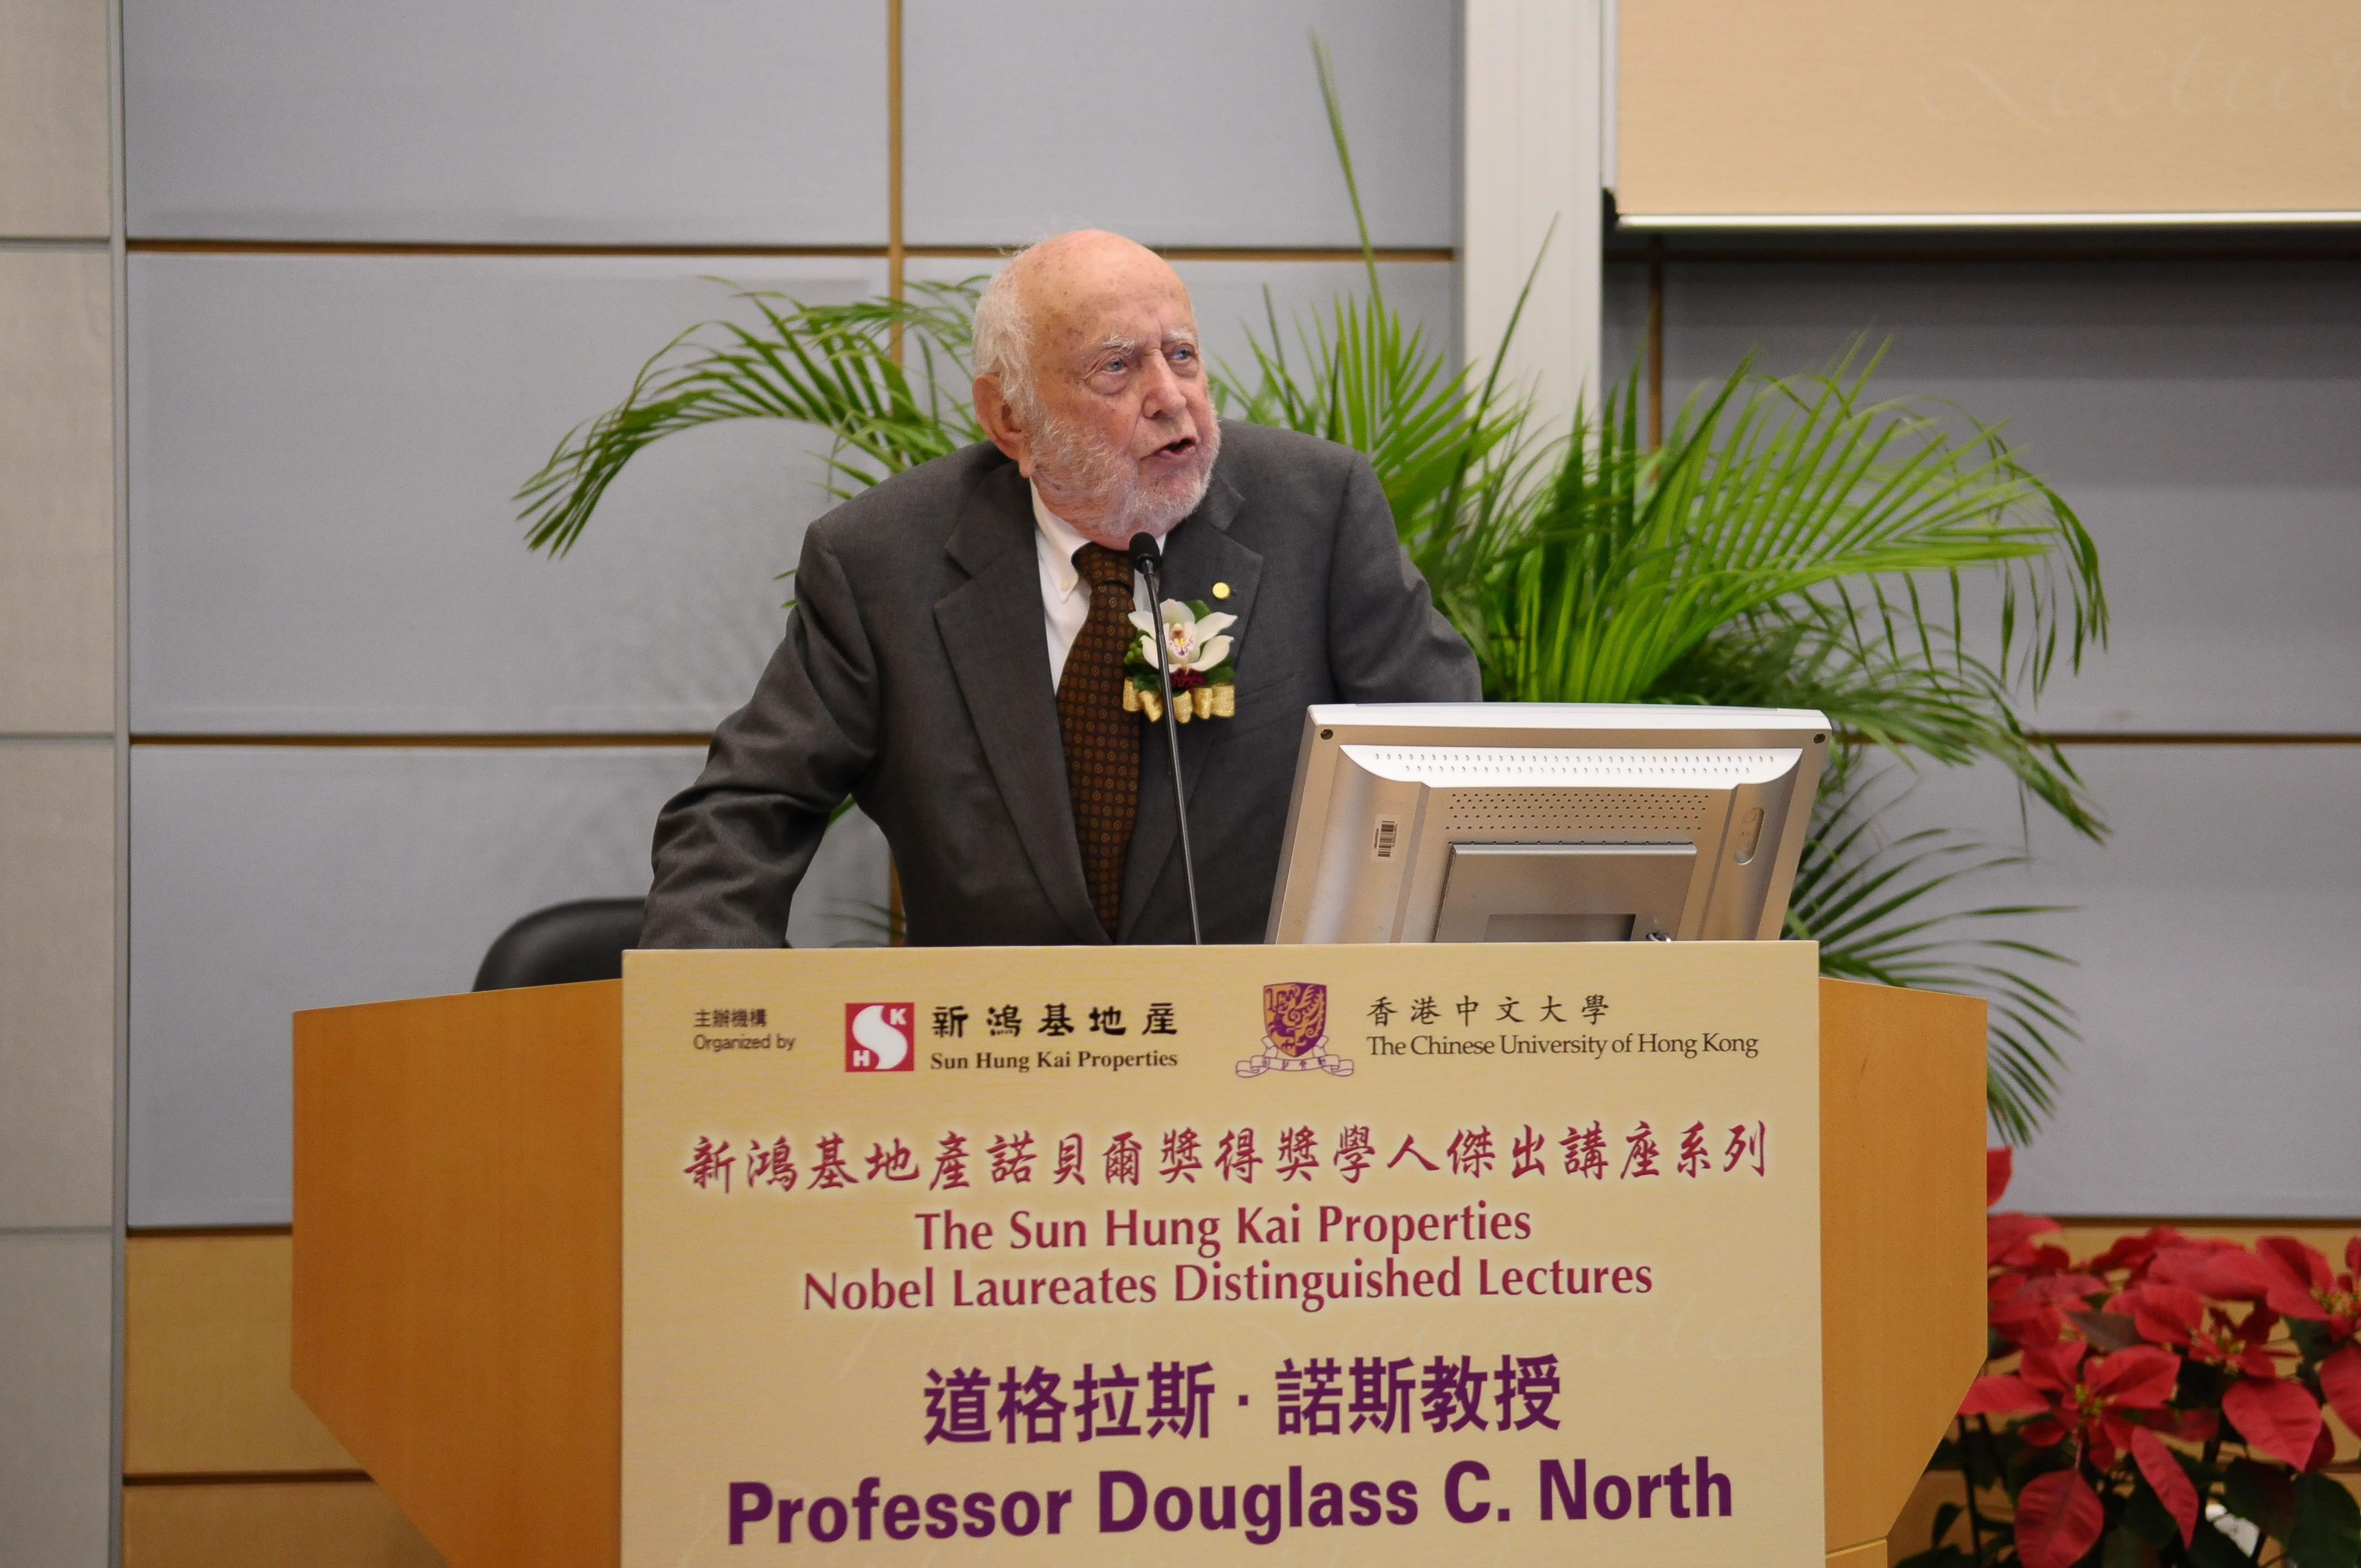 Douglass North, 1993 Nobel Laureate in economics